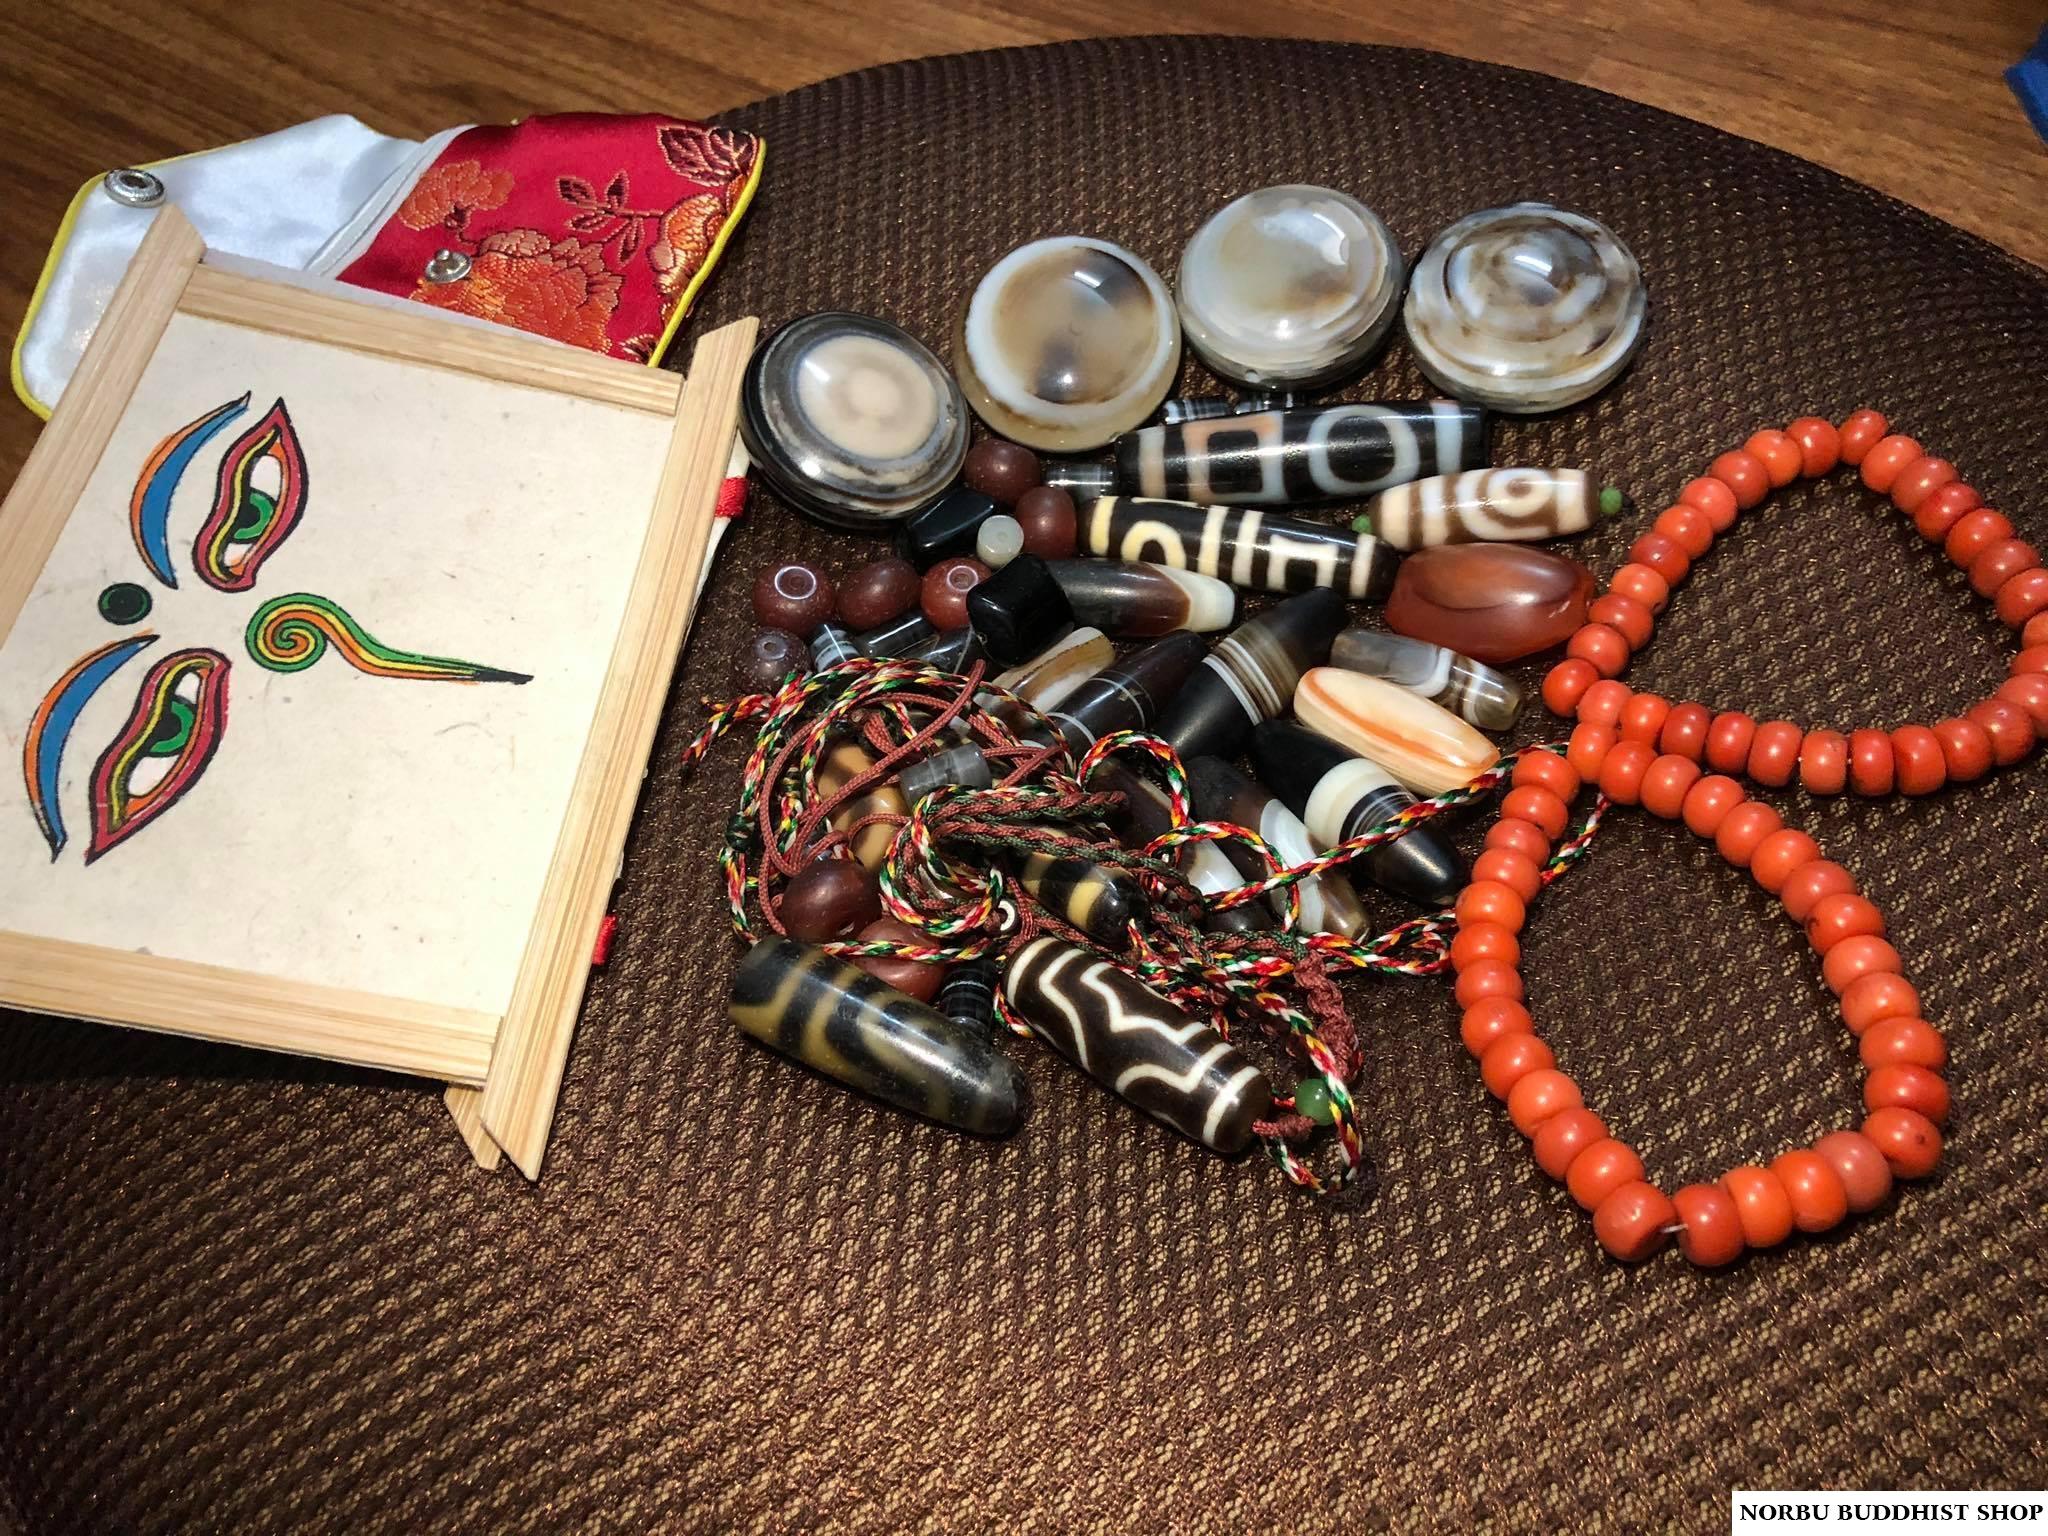 Bàn về vấn đề tâm linh của dzi bead - các mô tả tha lực của dzi có thực sự chính xác 2